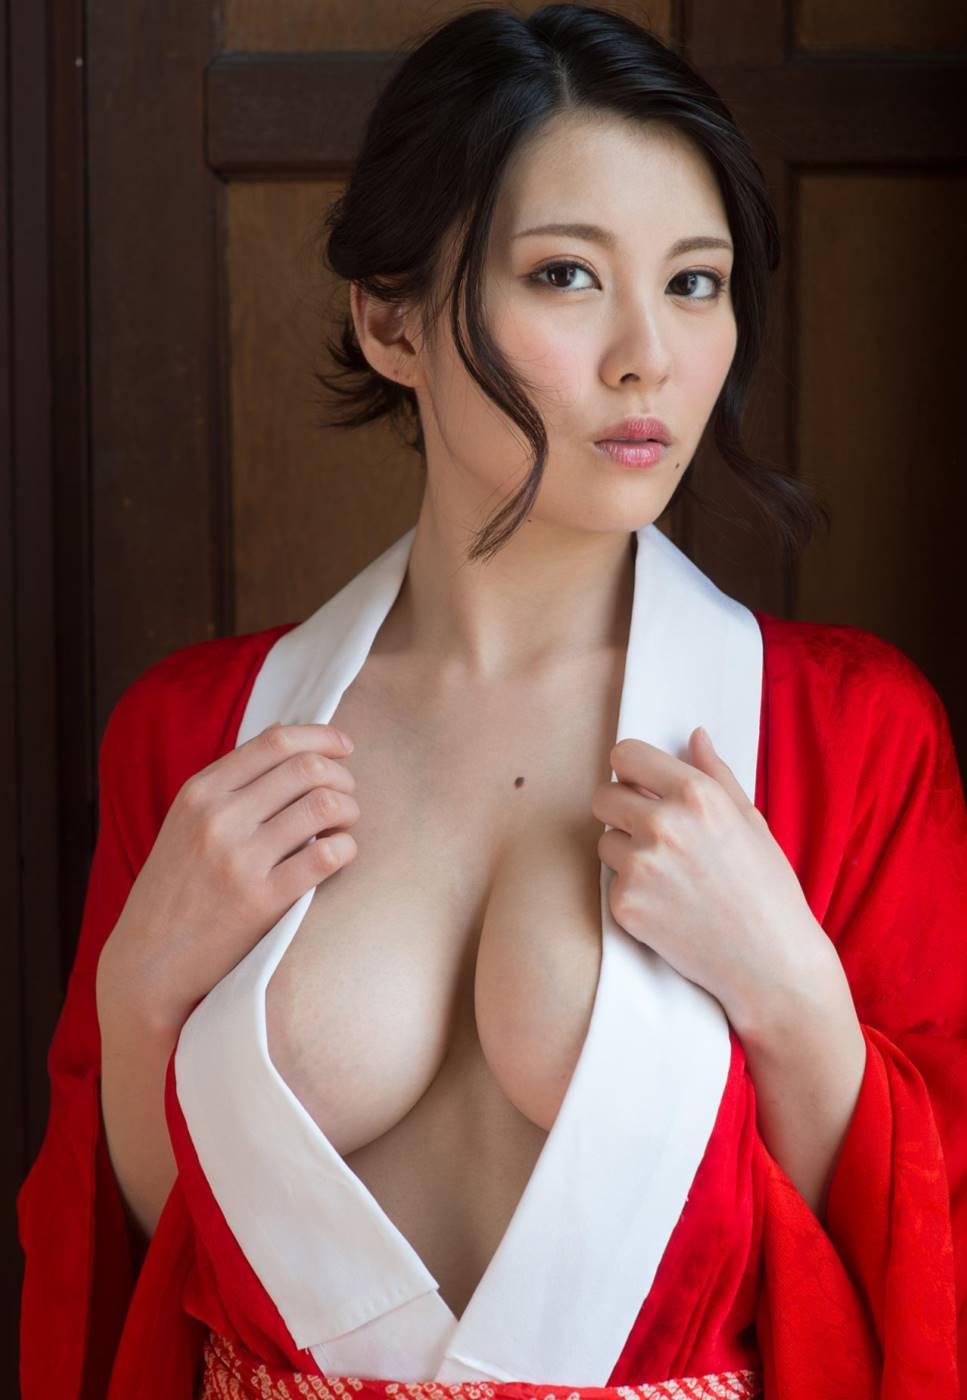 【松岡ちなエロ画像】小柄でスレンダー美巨乳!松岡ちなの超美麗Hカップ(;´Д`)